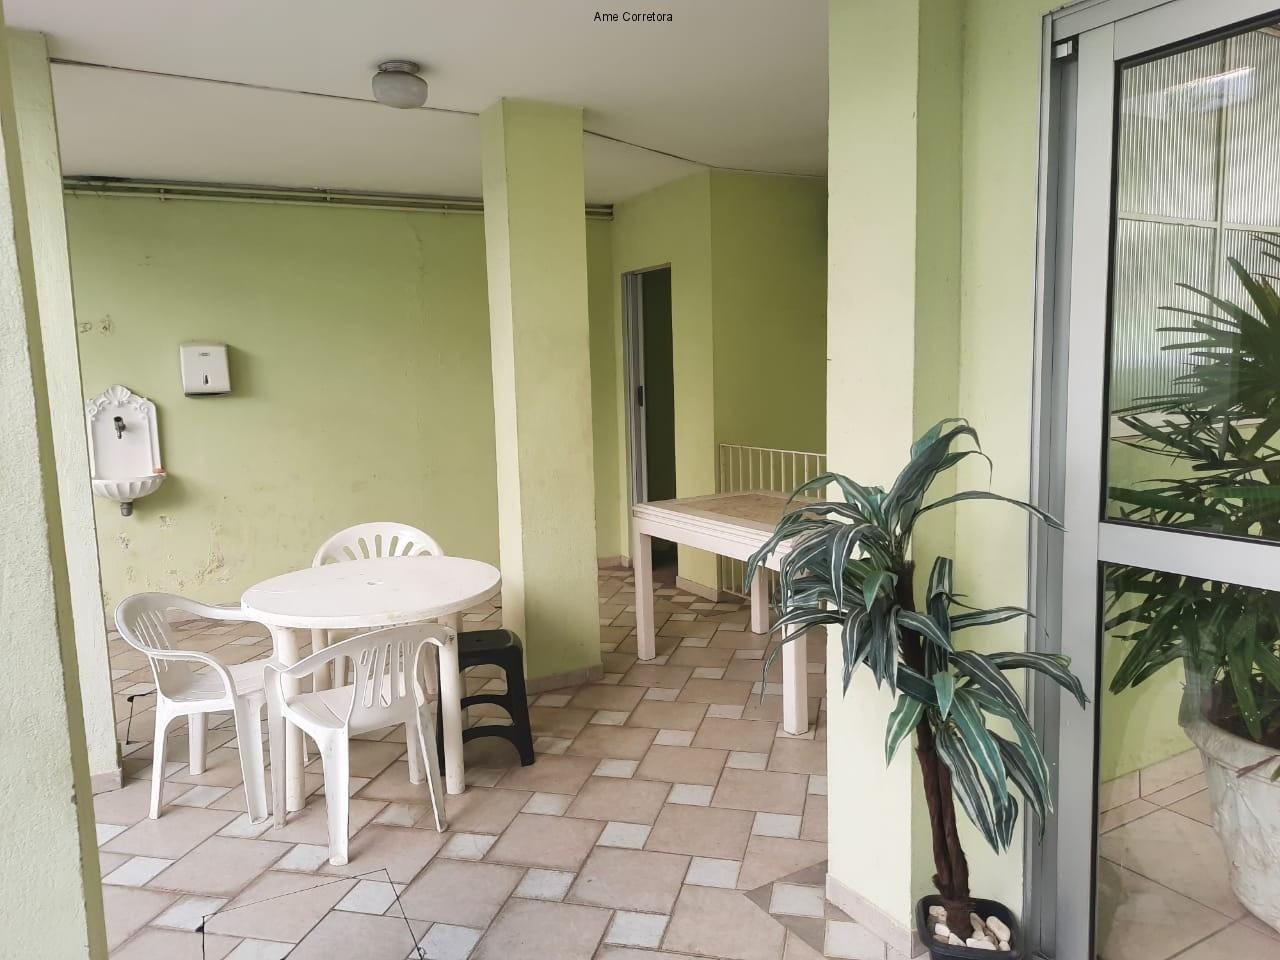 FOTO 32 - Apartamento 3 quartos à venda Rio de Janeiro,RJ - R$ 1.400.000 - AP00410 - 33